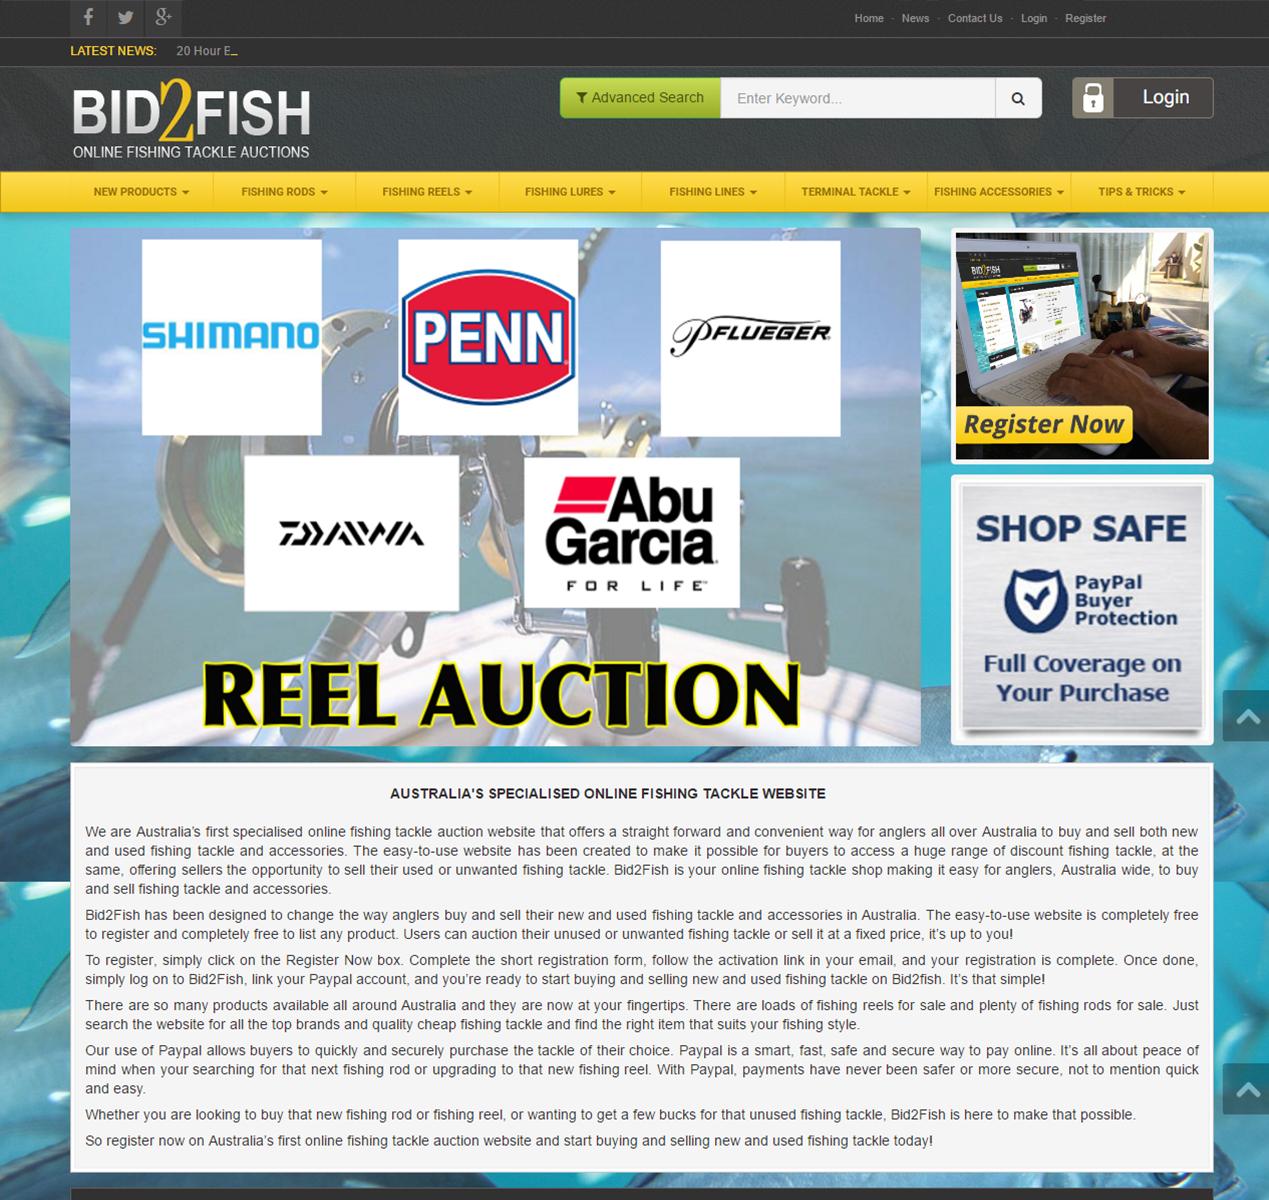 Bid2fish